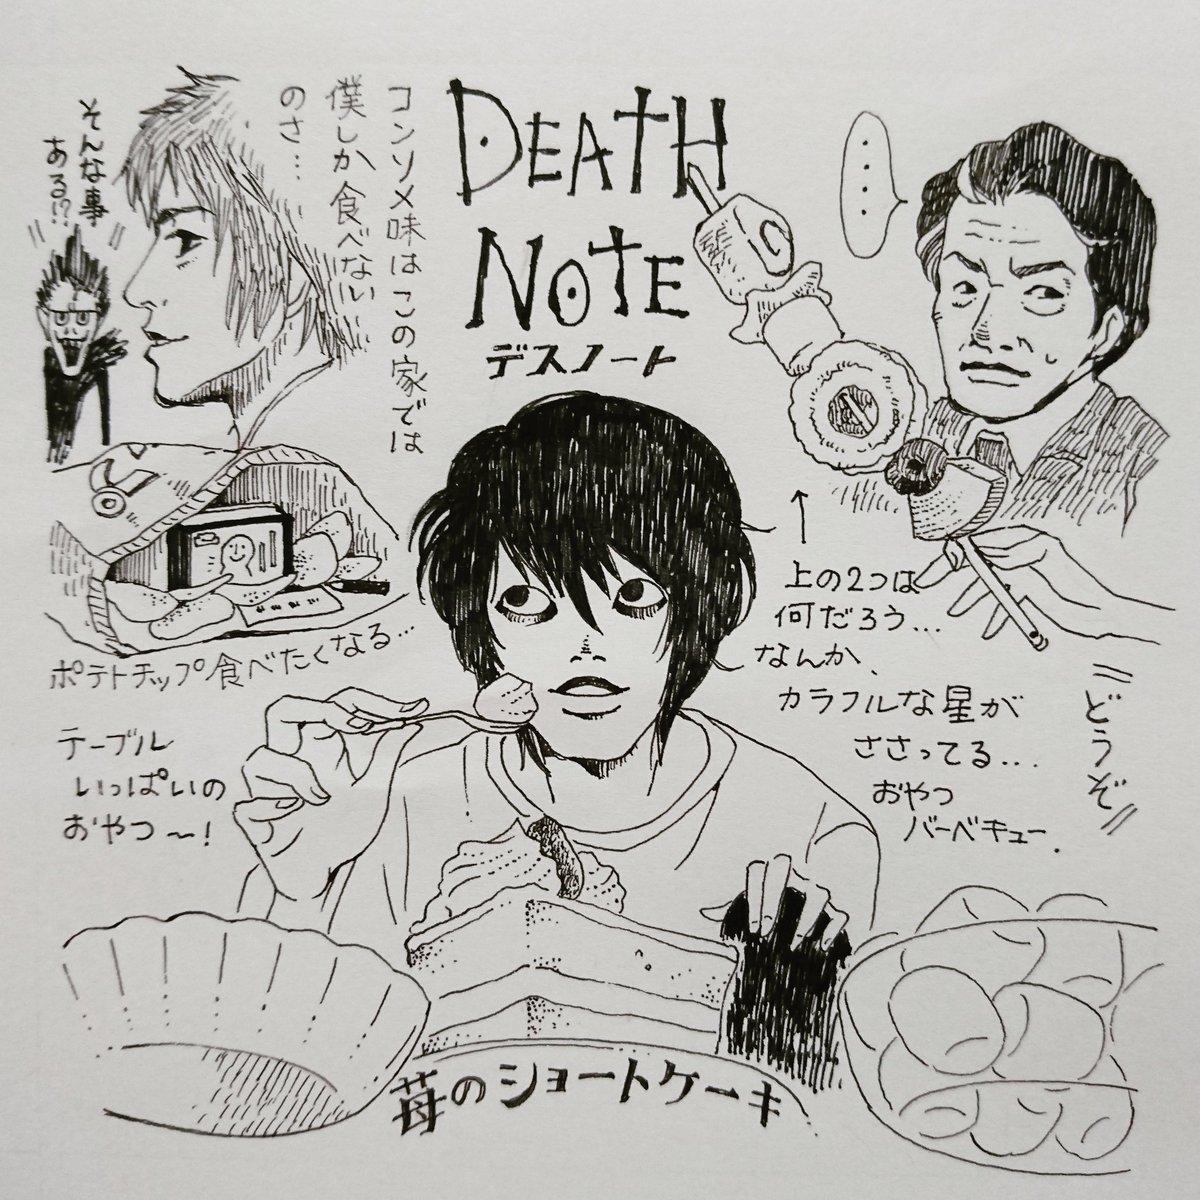 ピライ Twitter પર デスノート Death Note 練乳とか飲みたくなる